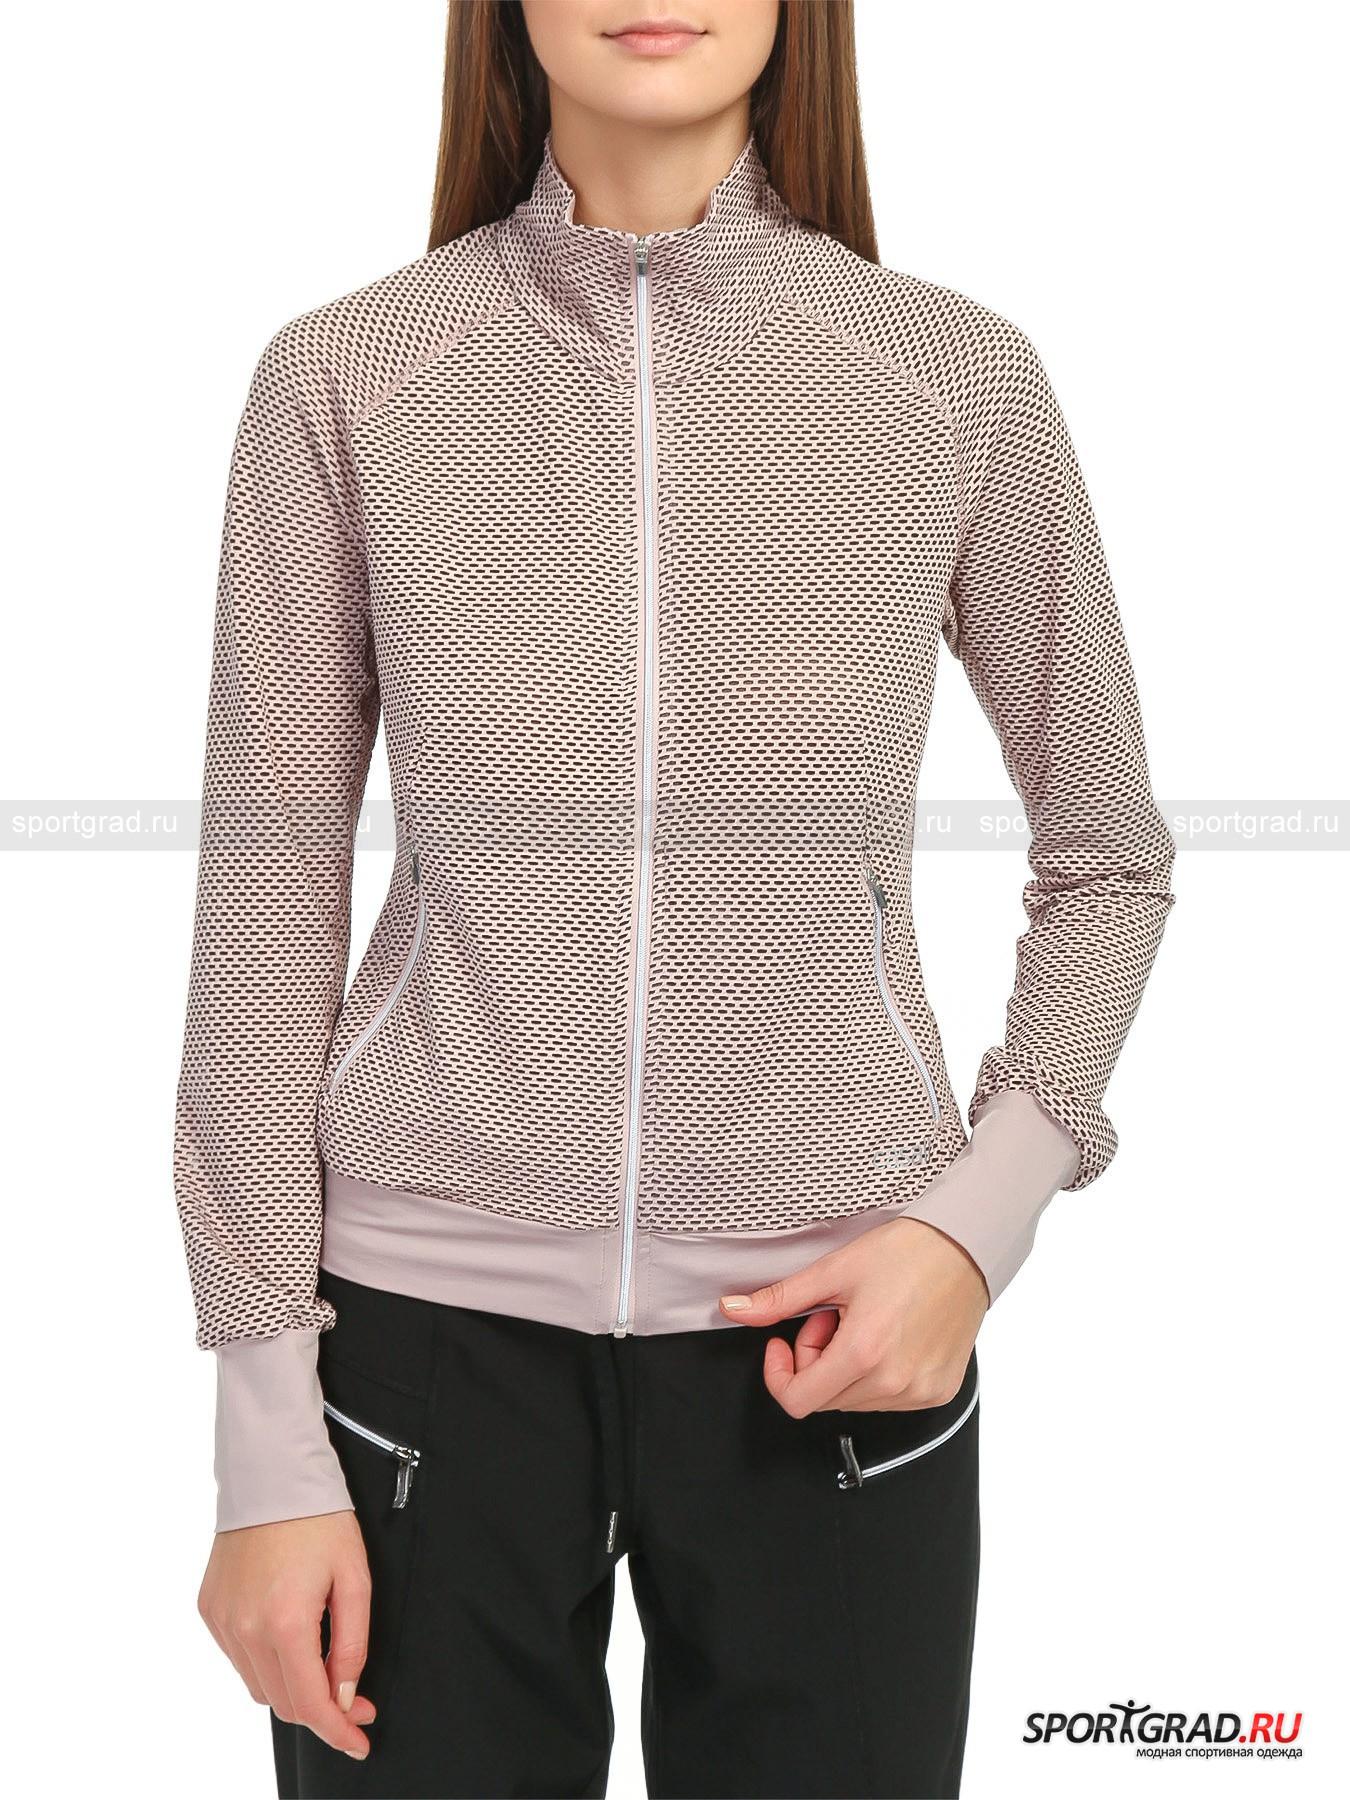 Олимпийка женская Mesh Jacket CASALL для бега и фитнесаТолстовки<br>Спортивная женская олимпийка Mesh Jacket CASALL с затянутыми сеточкой отверстиями для вентиляции отлично подойдет для разминки и в качестве накидки пригодится после тренировки. <br><br>Модель имеет:<br>- воротник-стойку на подкладке;<br>- удобные для совершения движений рукава-реглан с высокими  эластичными манжетами;<br>- распашную молнию с фиксируемым положением бегунка;<br>- упругий притачной пояс;<br>-  пару наружных прорезных карманов с зиппером + два накладных изнутри.<br>Длина изделия сзади по центру от горловины до низа 55 см, длина рукава по внутреннему шву 55, 5 см , ширина в груди 44, 5 см, ширина по бедрам 40, 5 см (размер 36).<br><br>Пол: Женский<br>Возраст: Взрослый<br>Тип: Толстовки<br>Рекомендации по уходу: Изделию показана стирка при температуре строго 40°, глажка при температуре, не превышающей 110°, и бережная химчистка. Запрещено отбеливание и сушка в стиральной машине и электросушилке для белья.<br>Состав: 85% полиамид, 8% полиэстер, 7% эластан